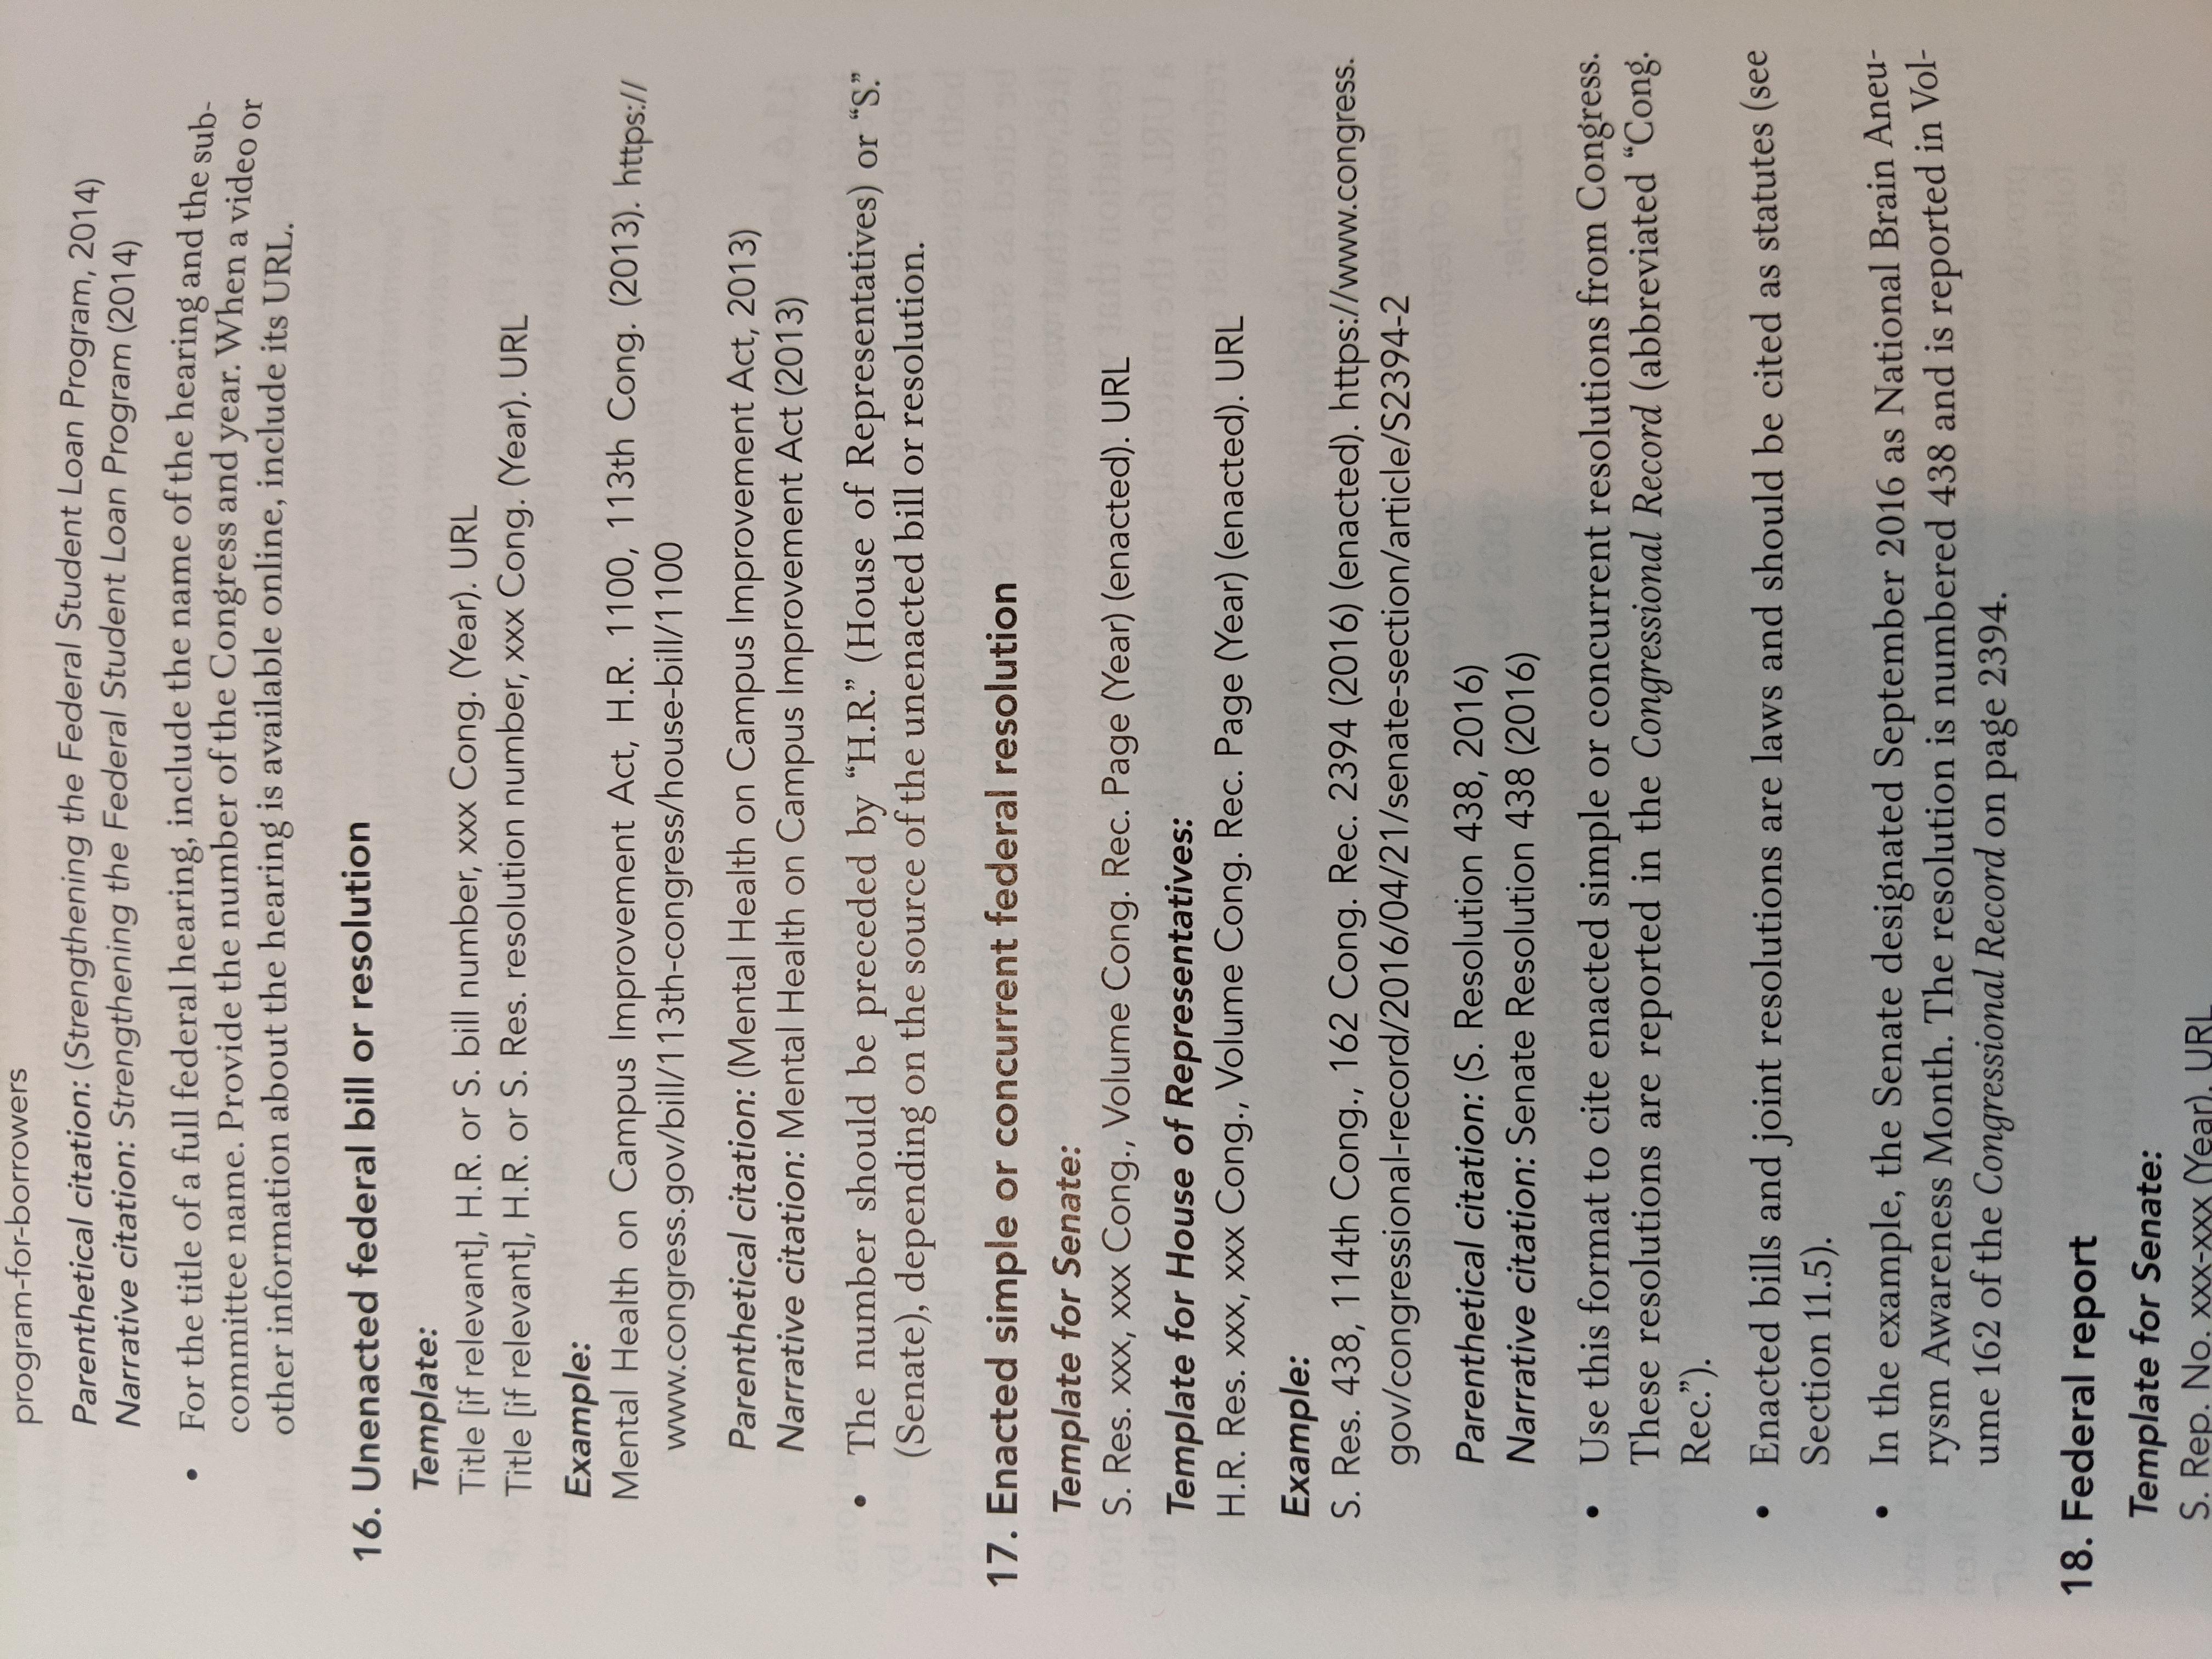 Citing legislation APA 7th